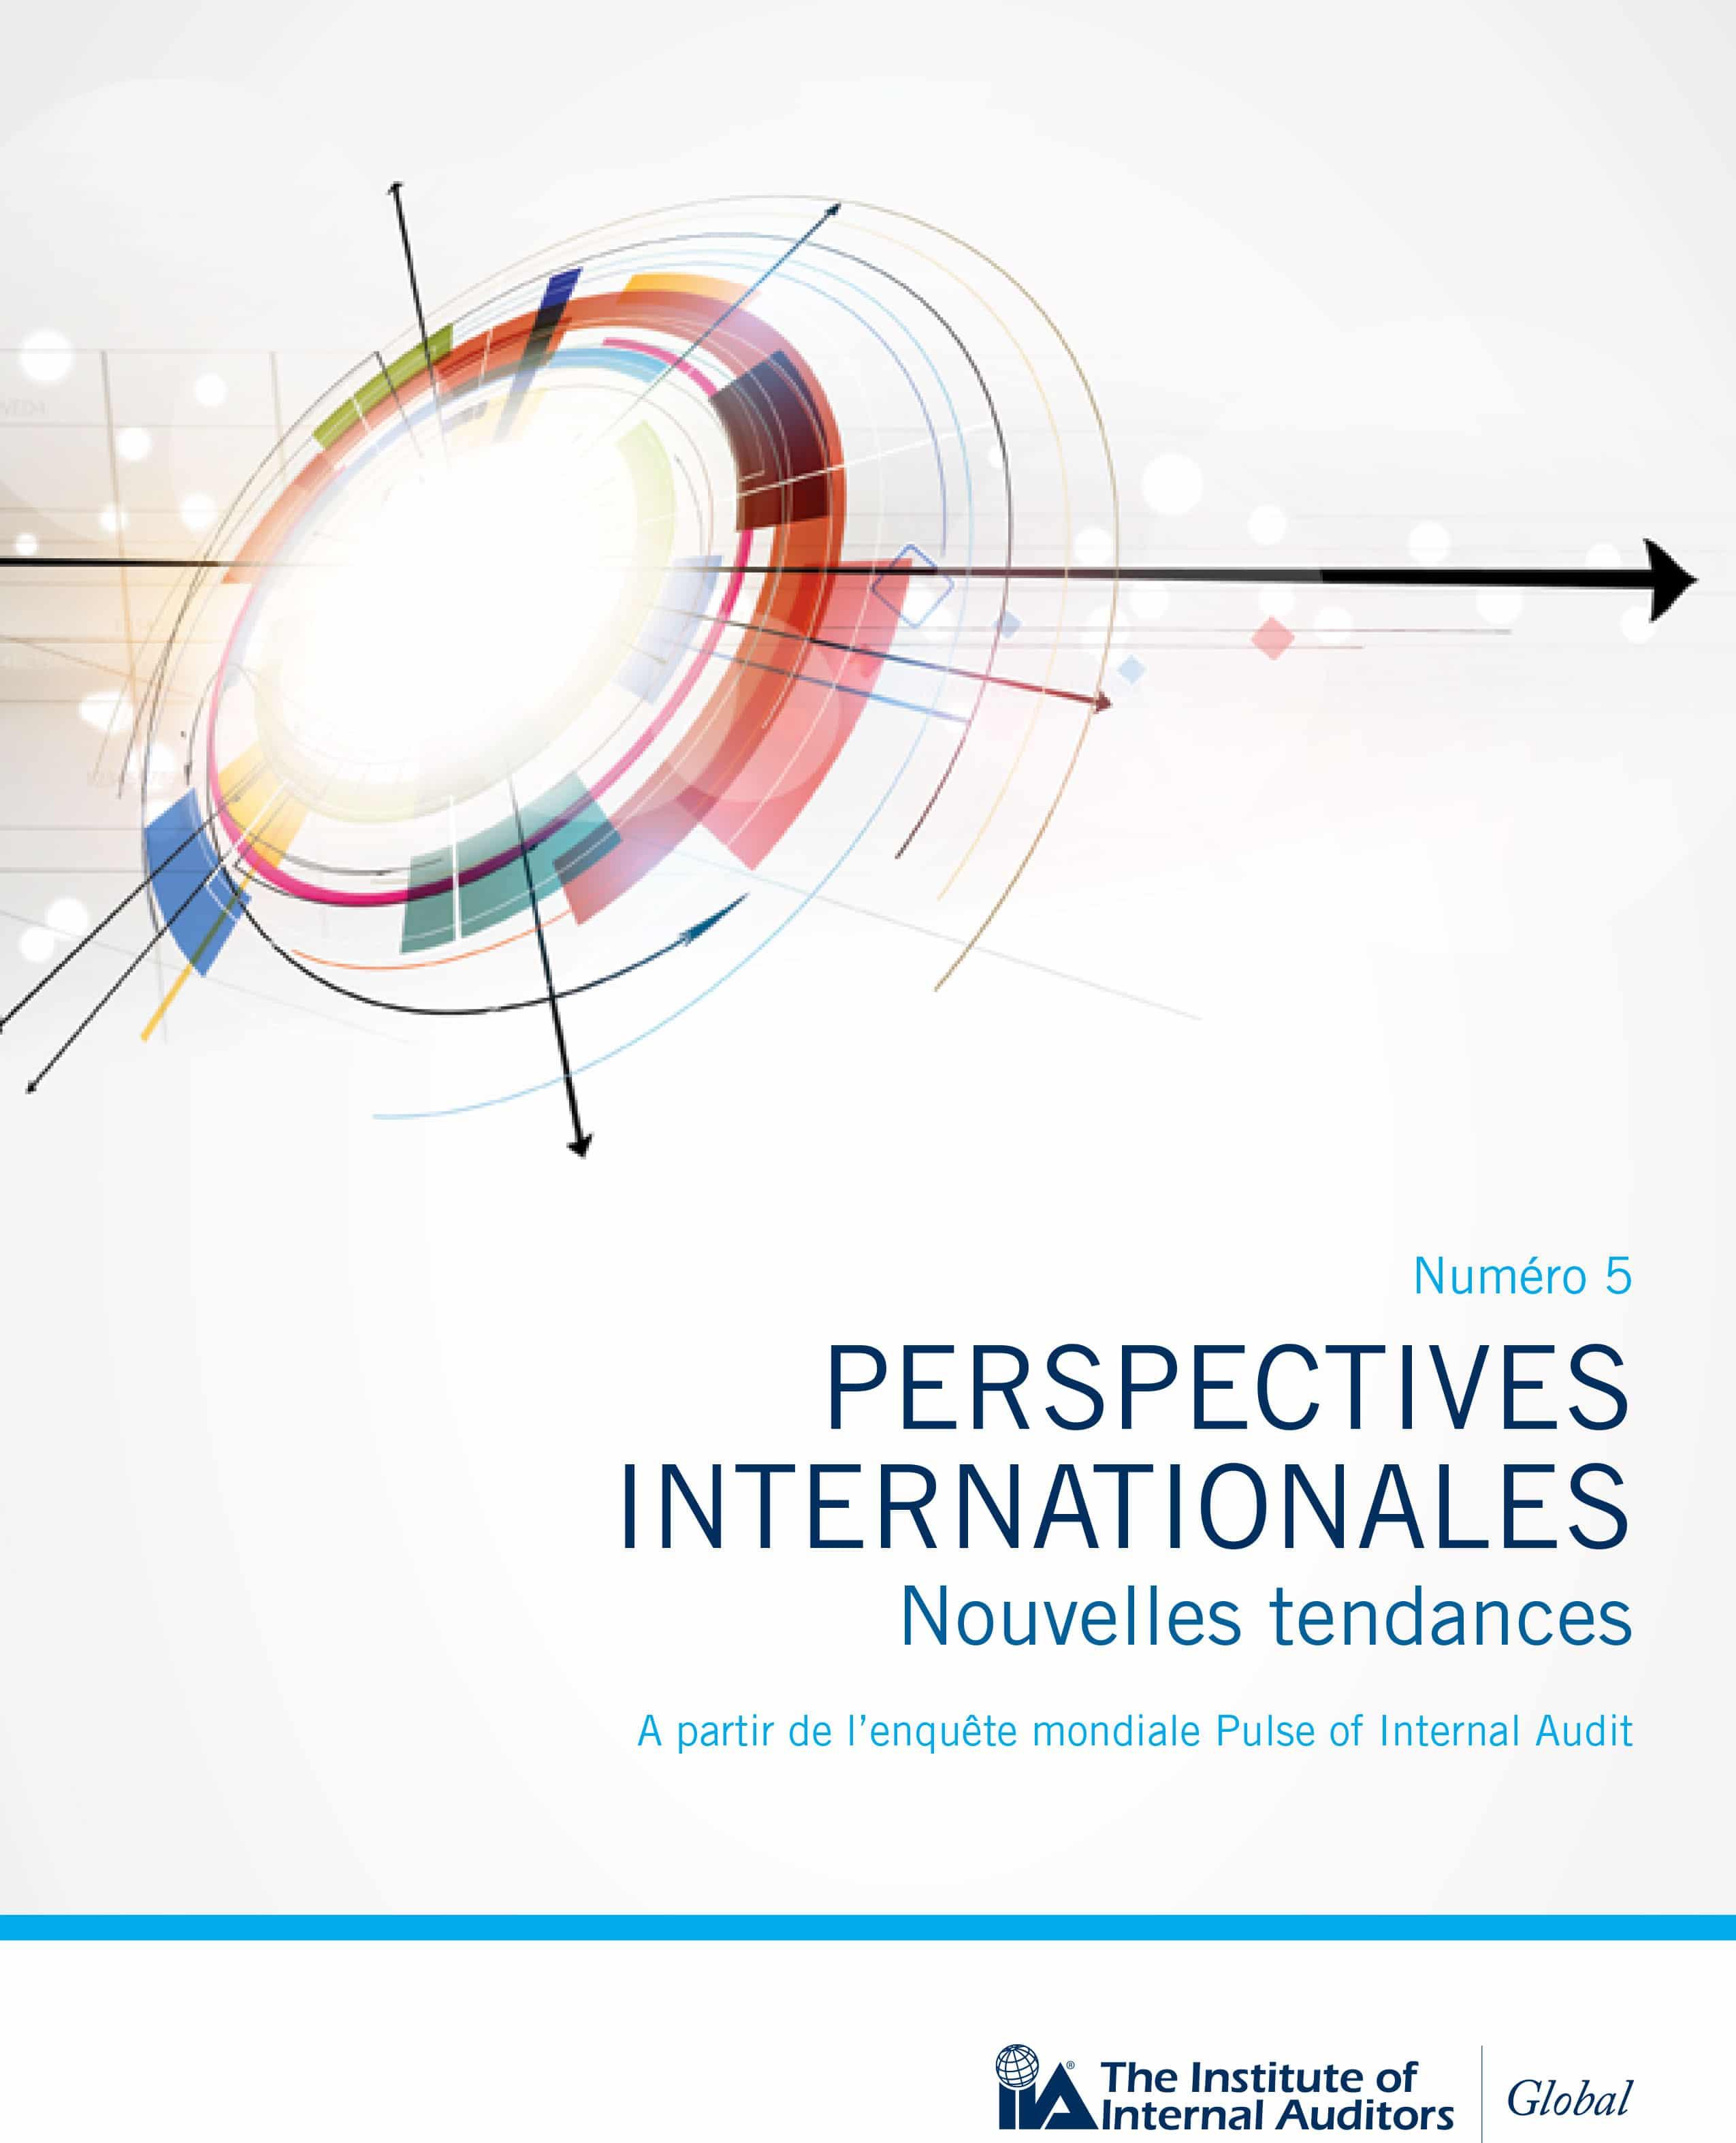 Perspectives internationales : Nouvelles tendances